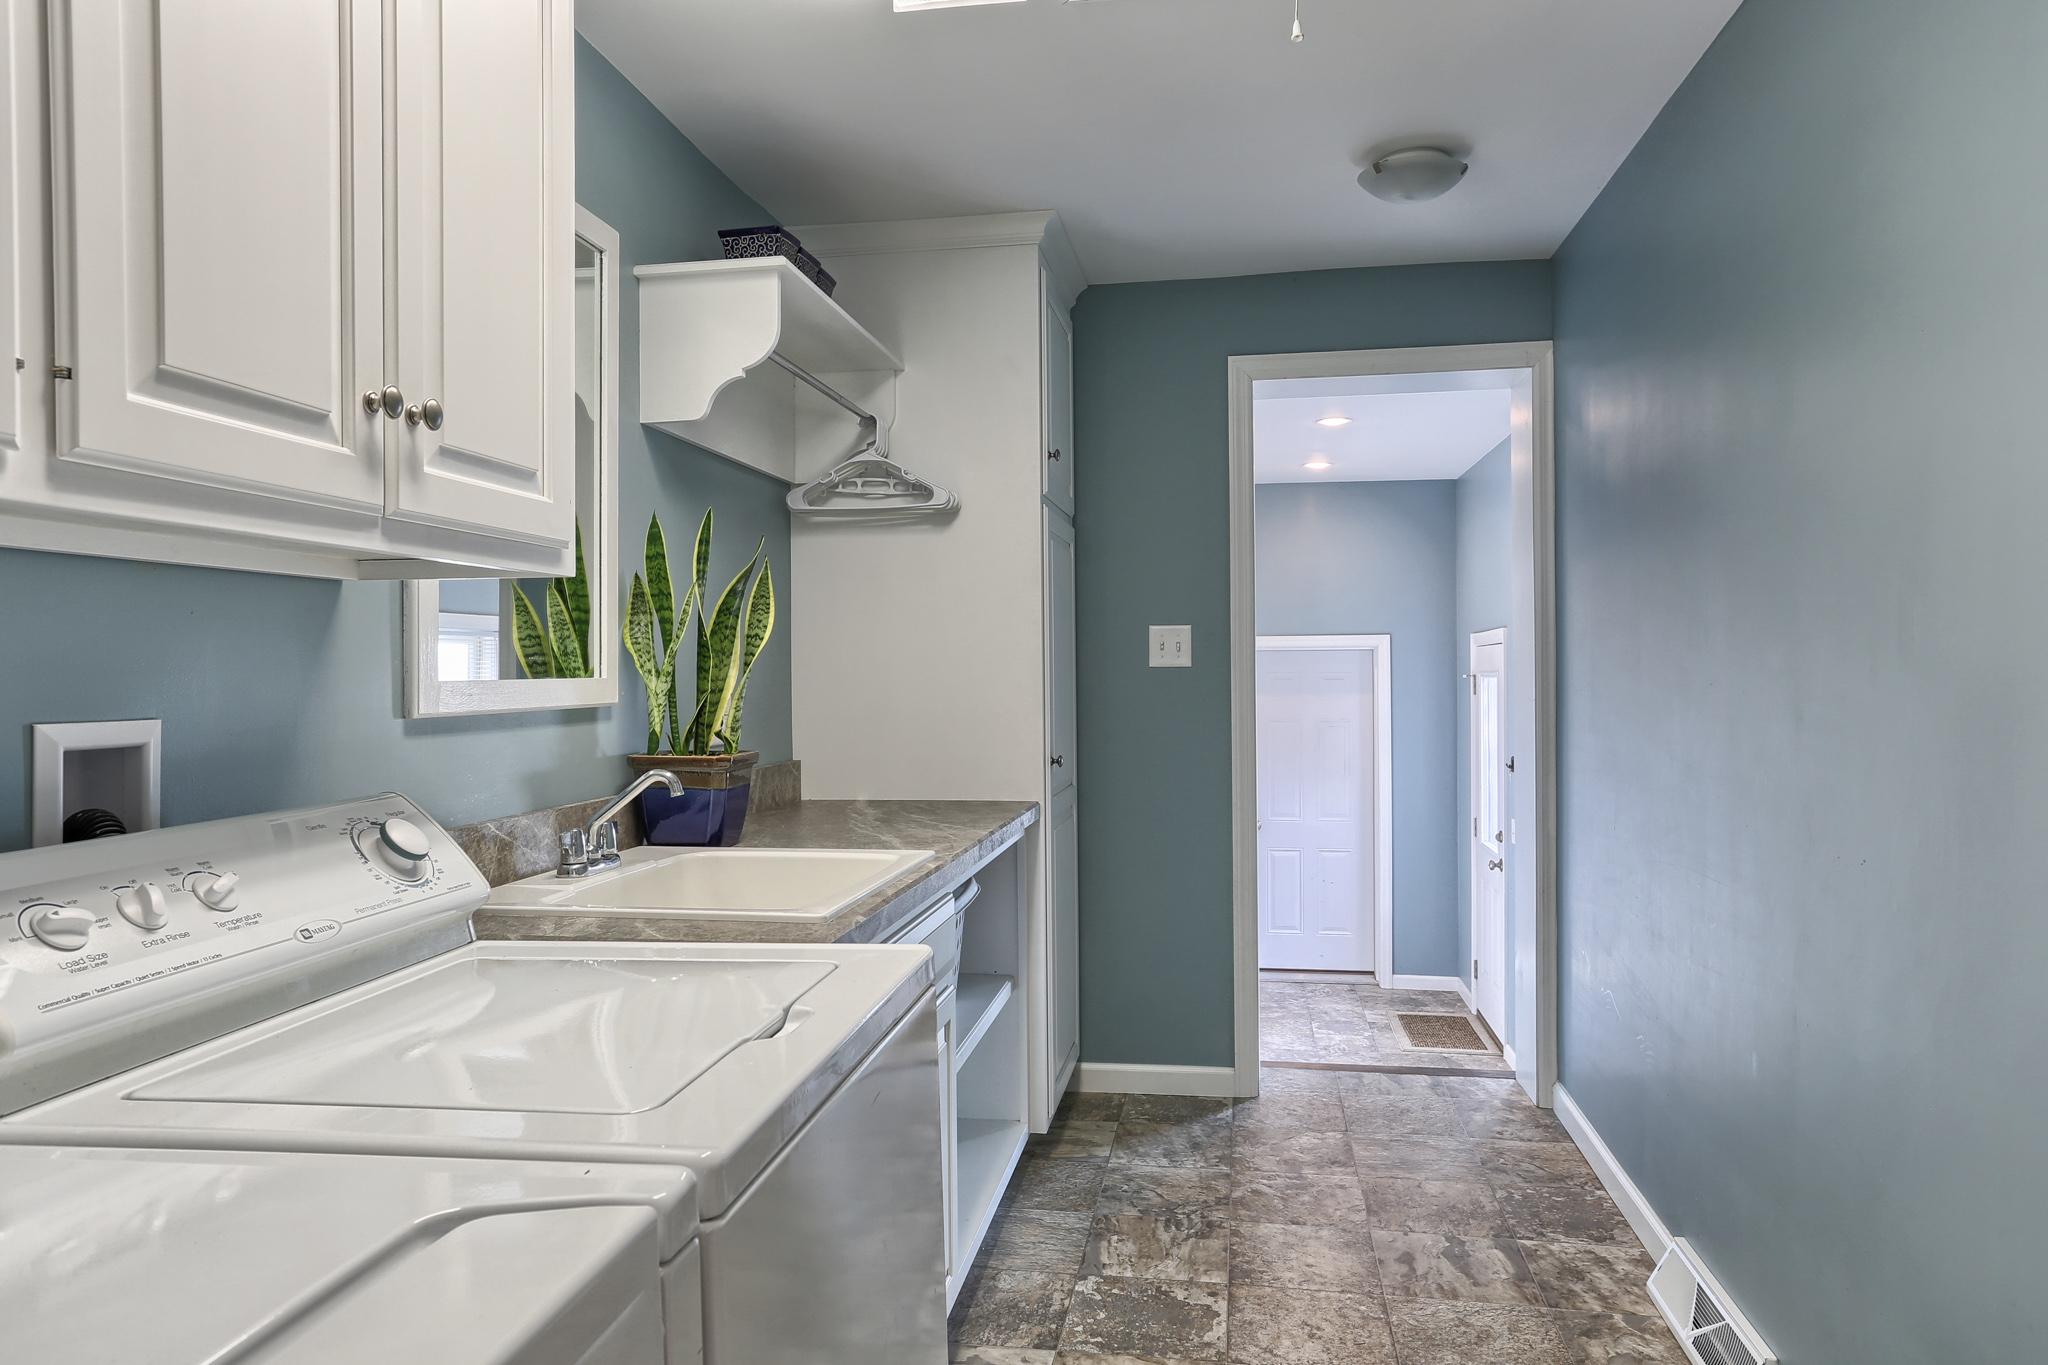 Metzler Home Builders Blog on